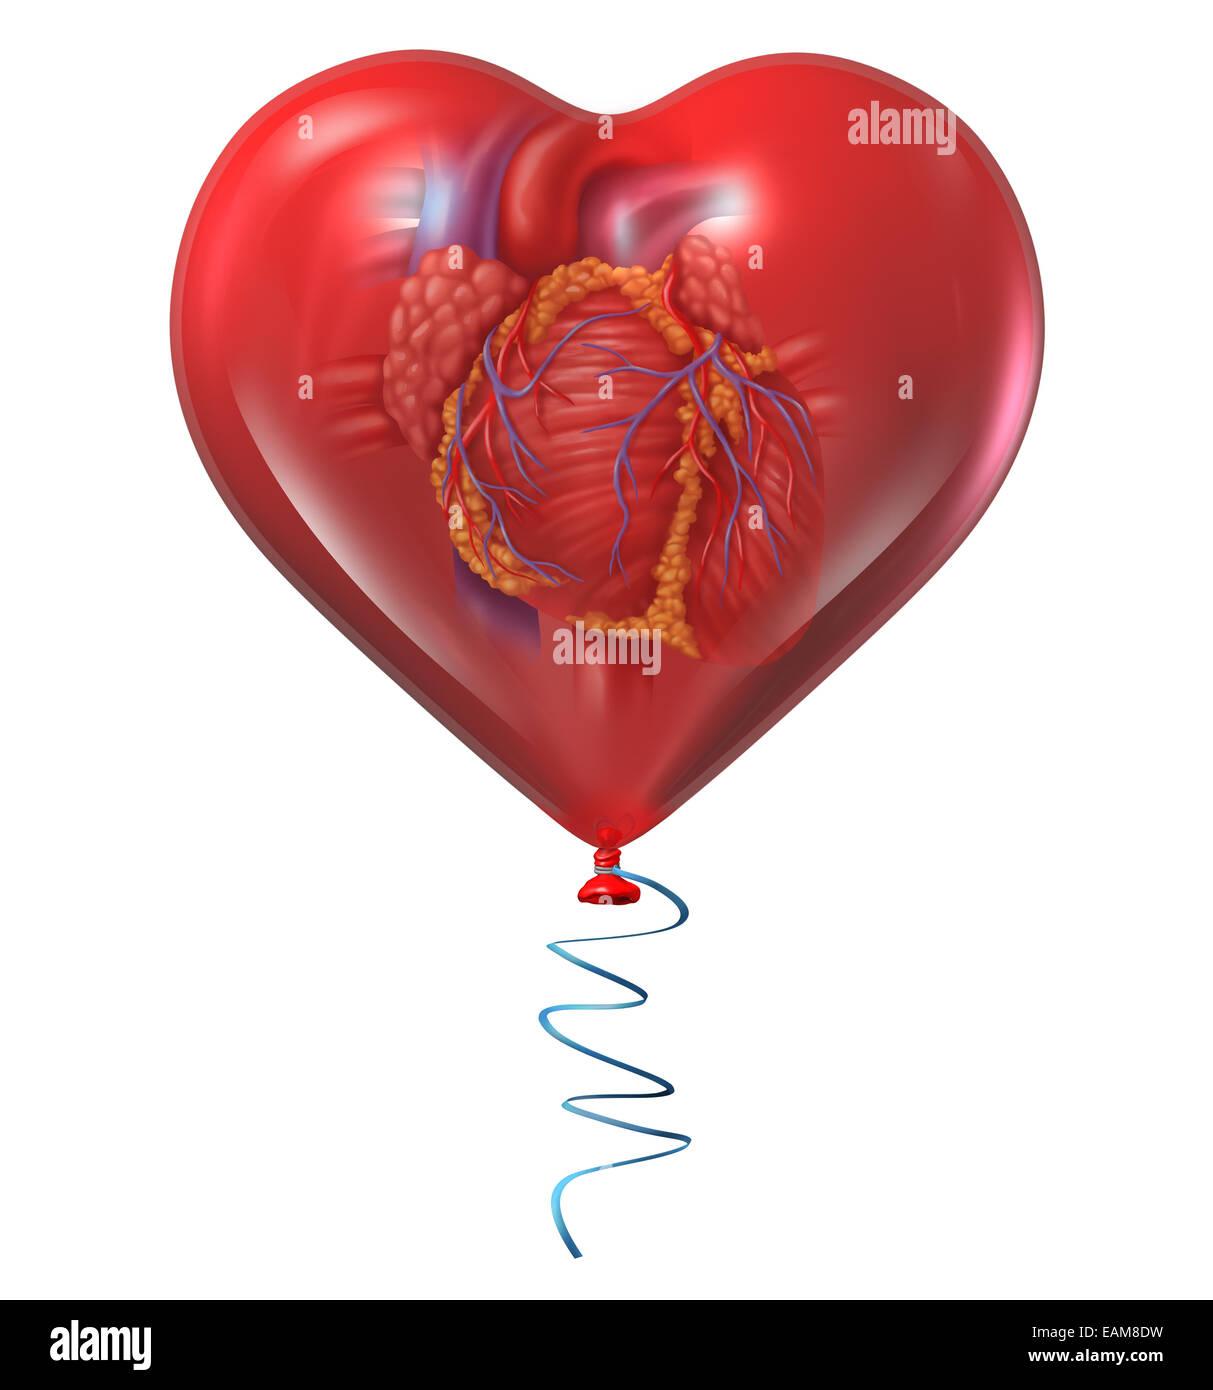 Herz-Konzept der Gesundheit und medizinischen Symbol mit einem menschlichen anatomischen Organ in einem roten Ballon Stockbild